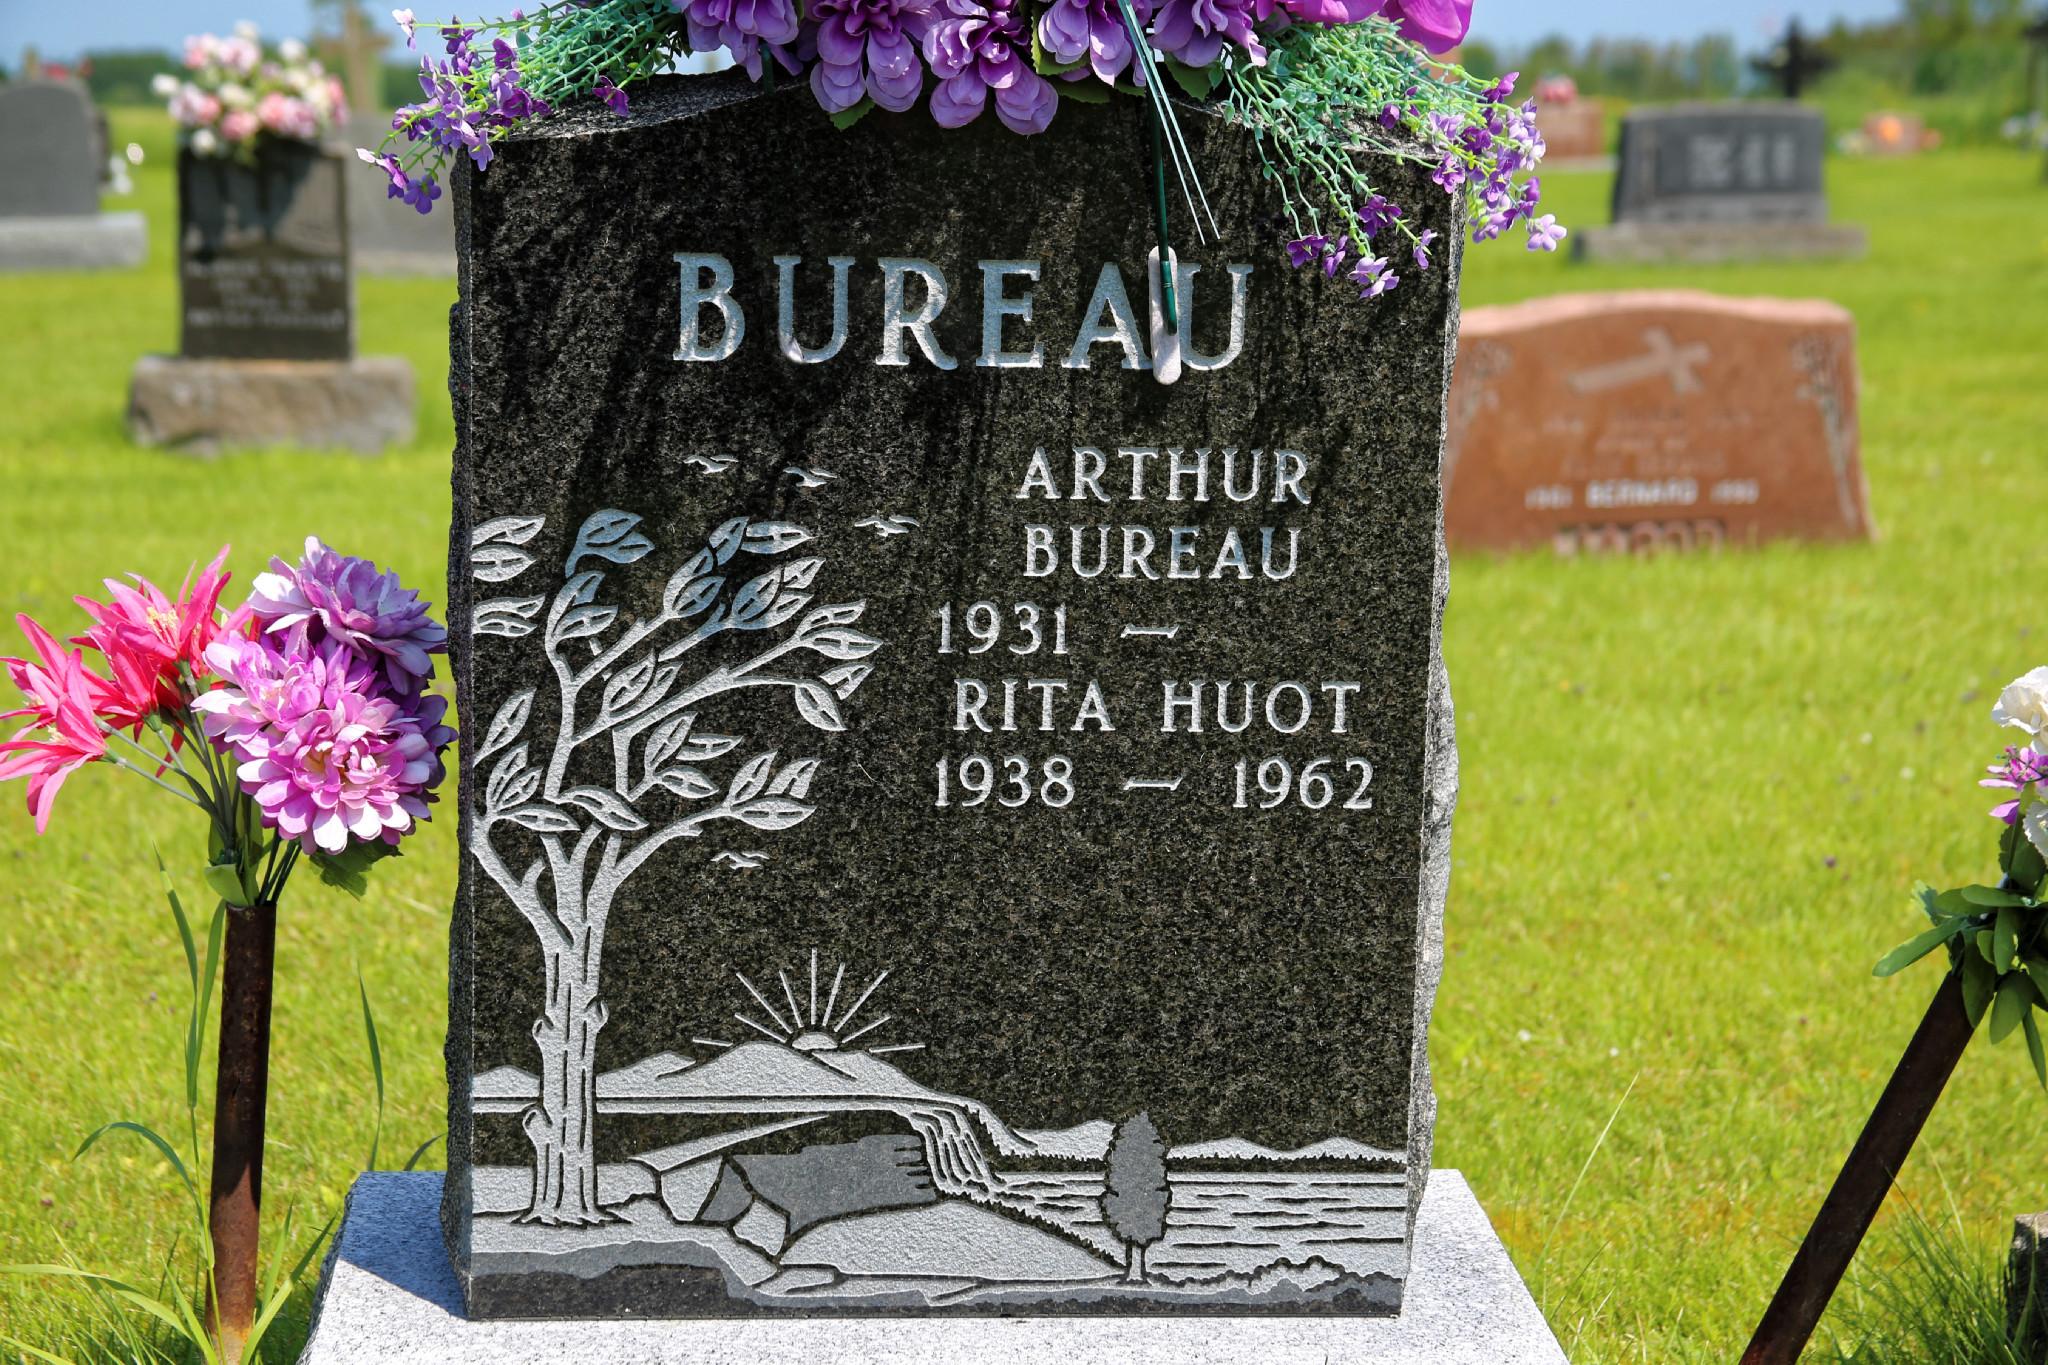 Arthur Bureau